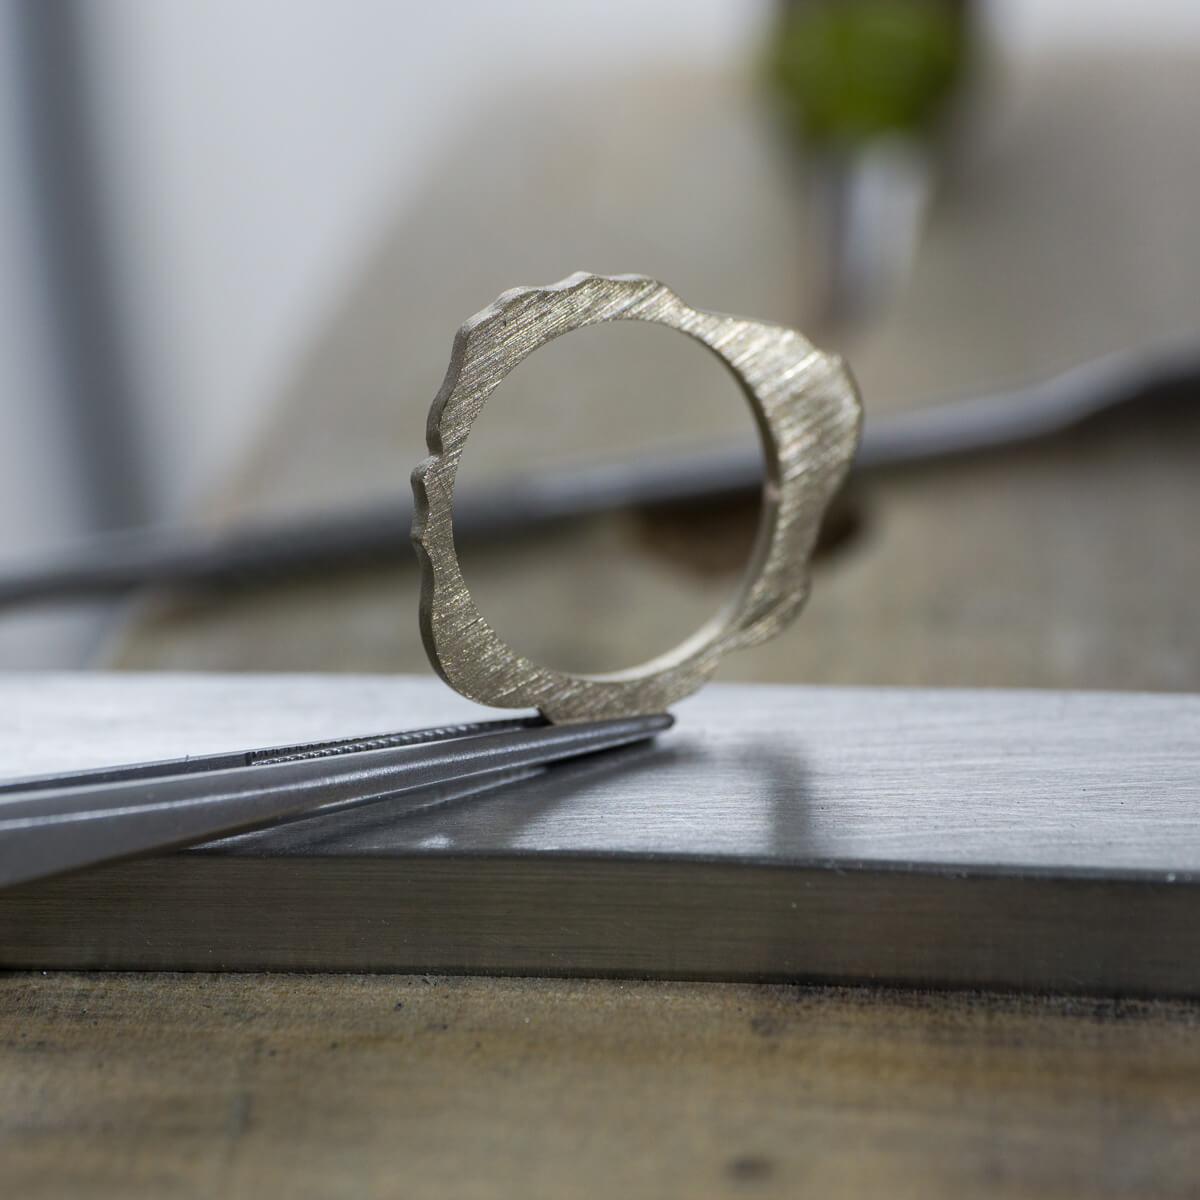 オーダーメイドエンゲージリング ジュエリーのアトリエ シャンパンゴールド 屋久島でつくる結婚指輪